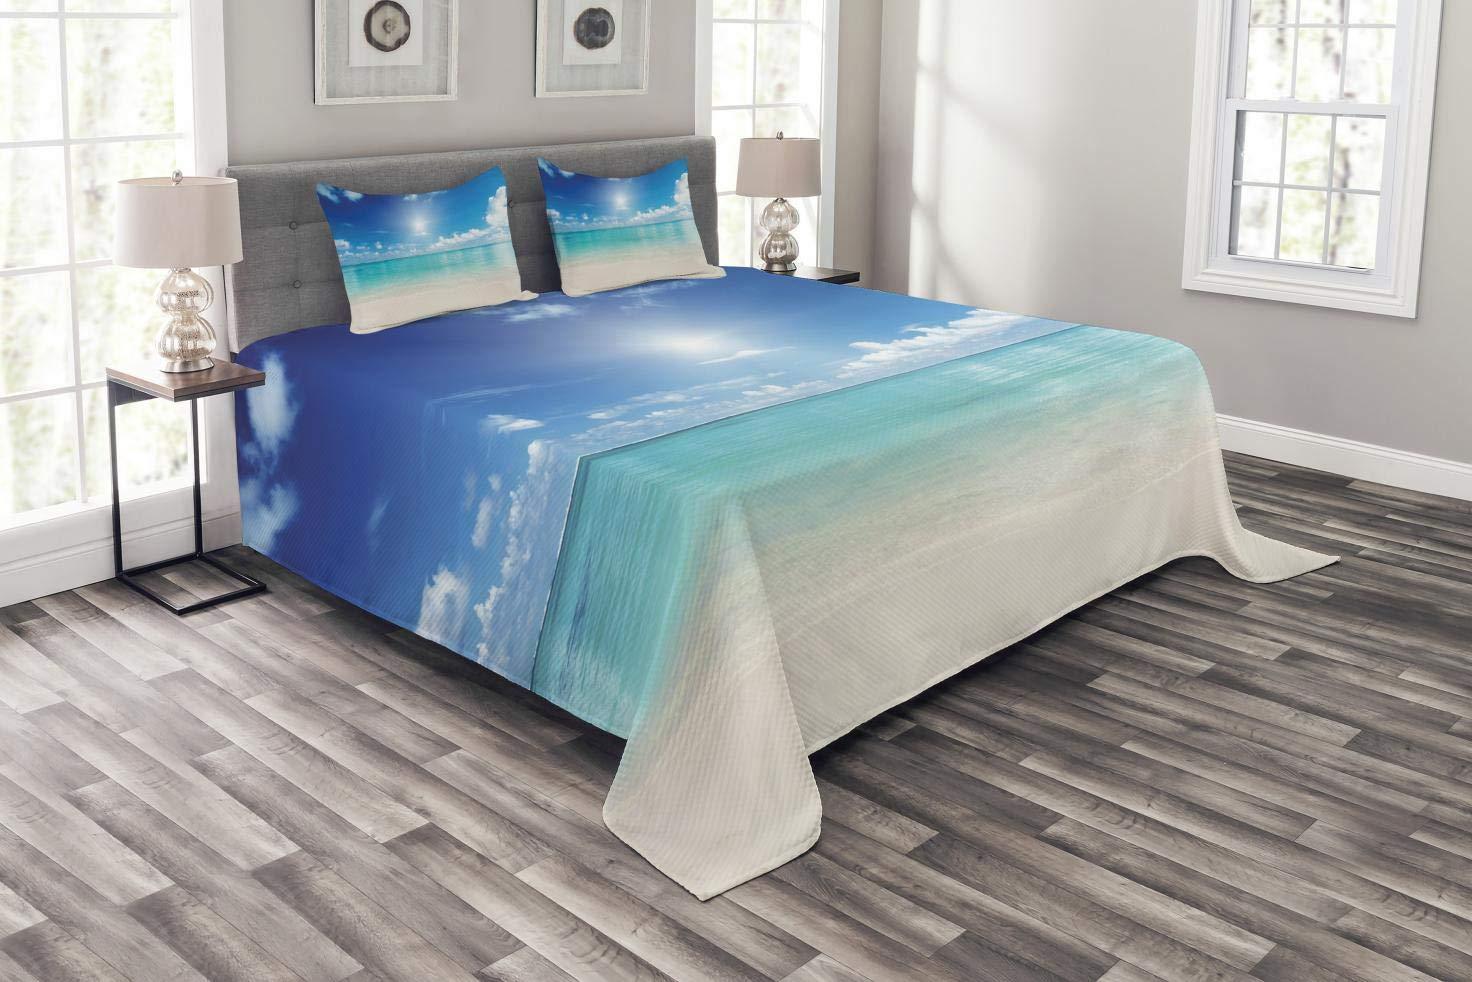 Abakuhaus Ozean Tagesdecke Set, Himmel und tropisches Meer, Set mit Kissenbezügen Kein verblassen, für Doppelbetten 264 x 220 cm, Türkis Weiß Creme